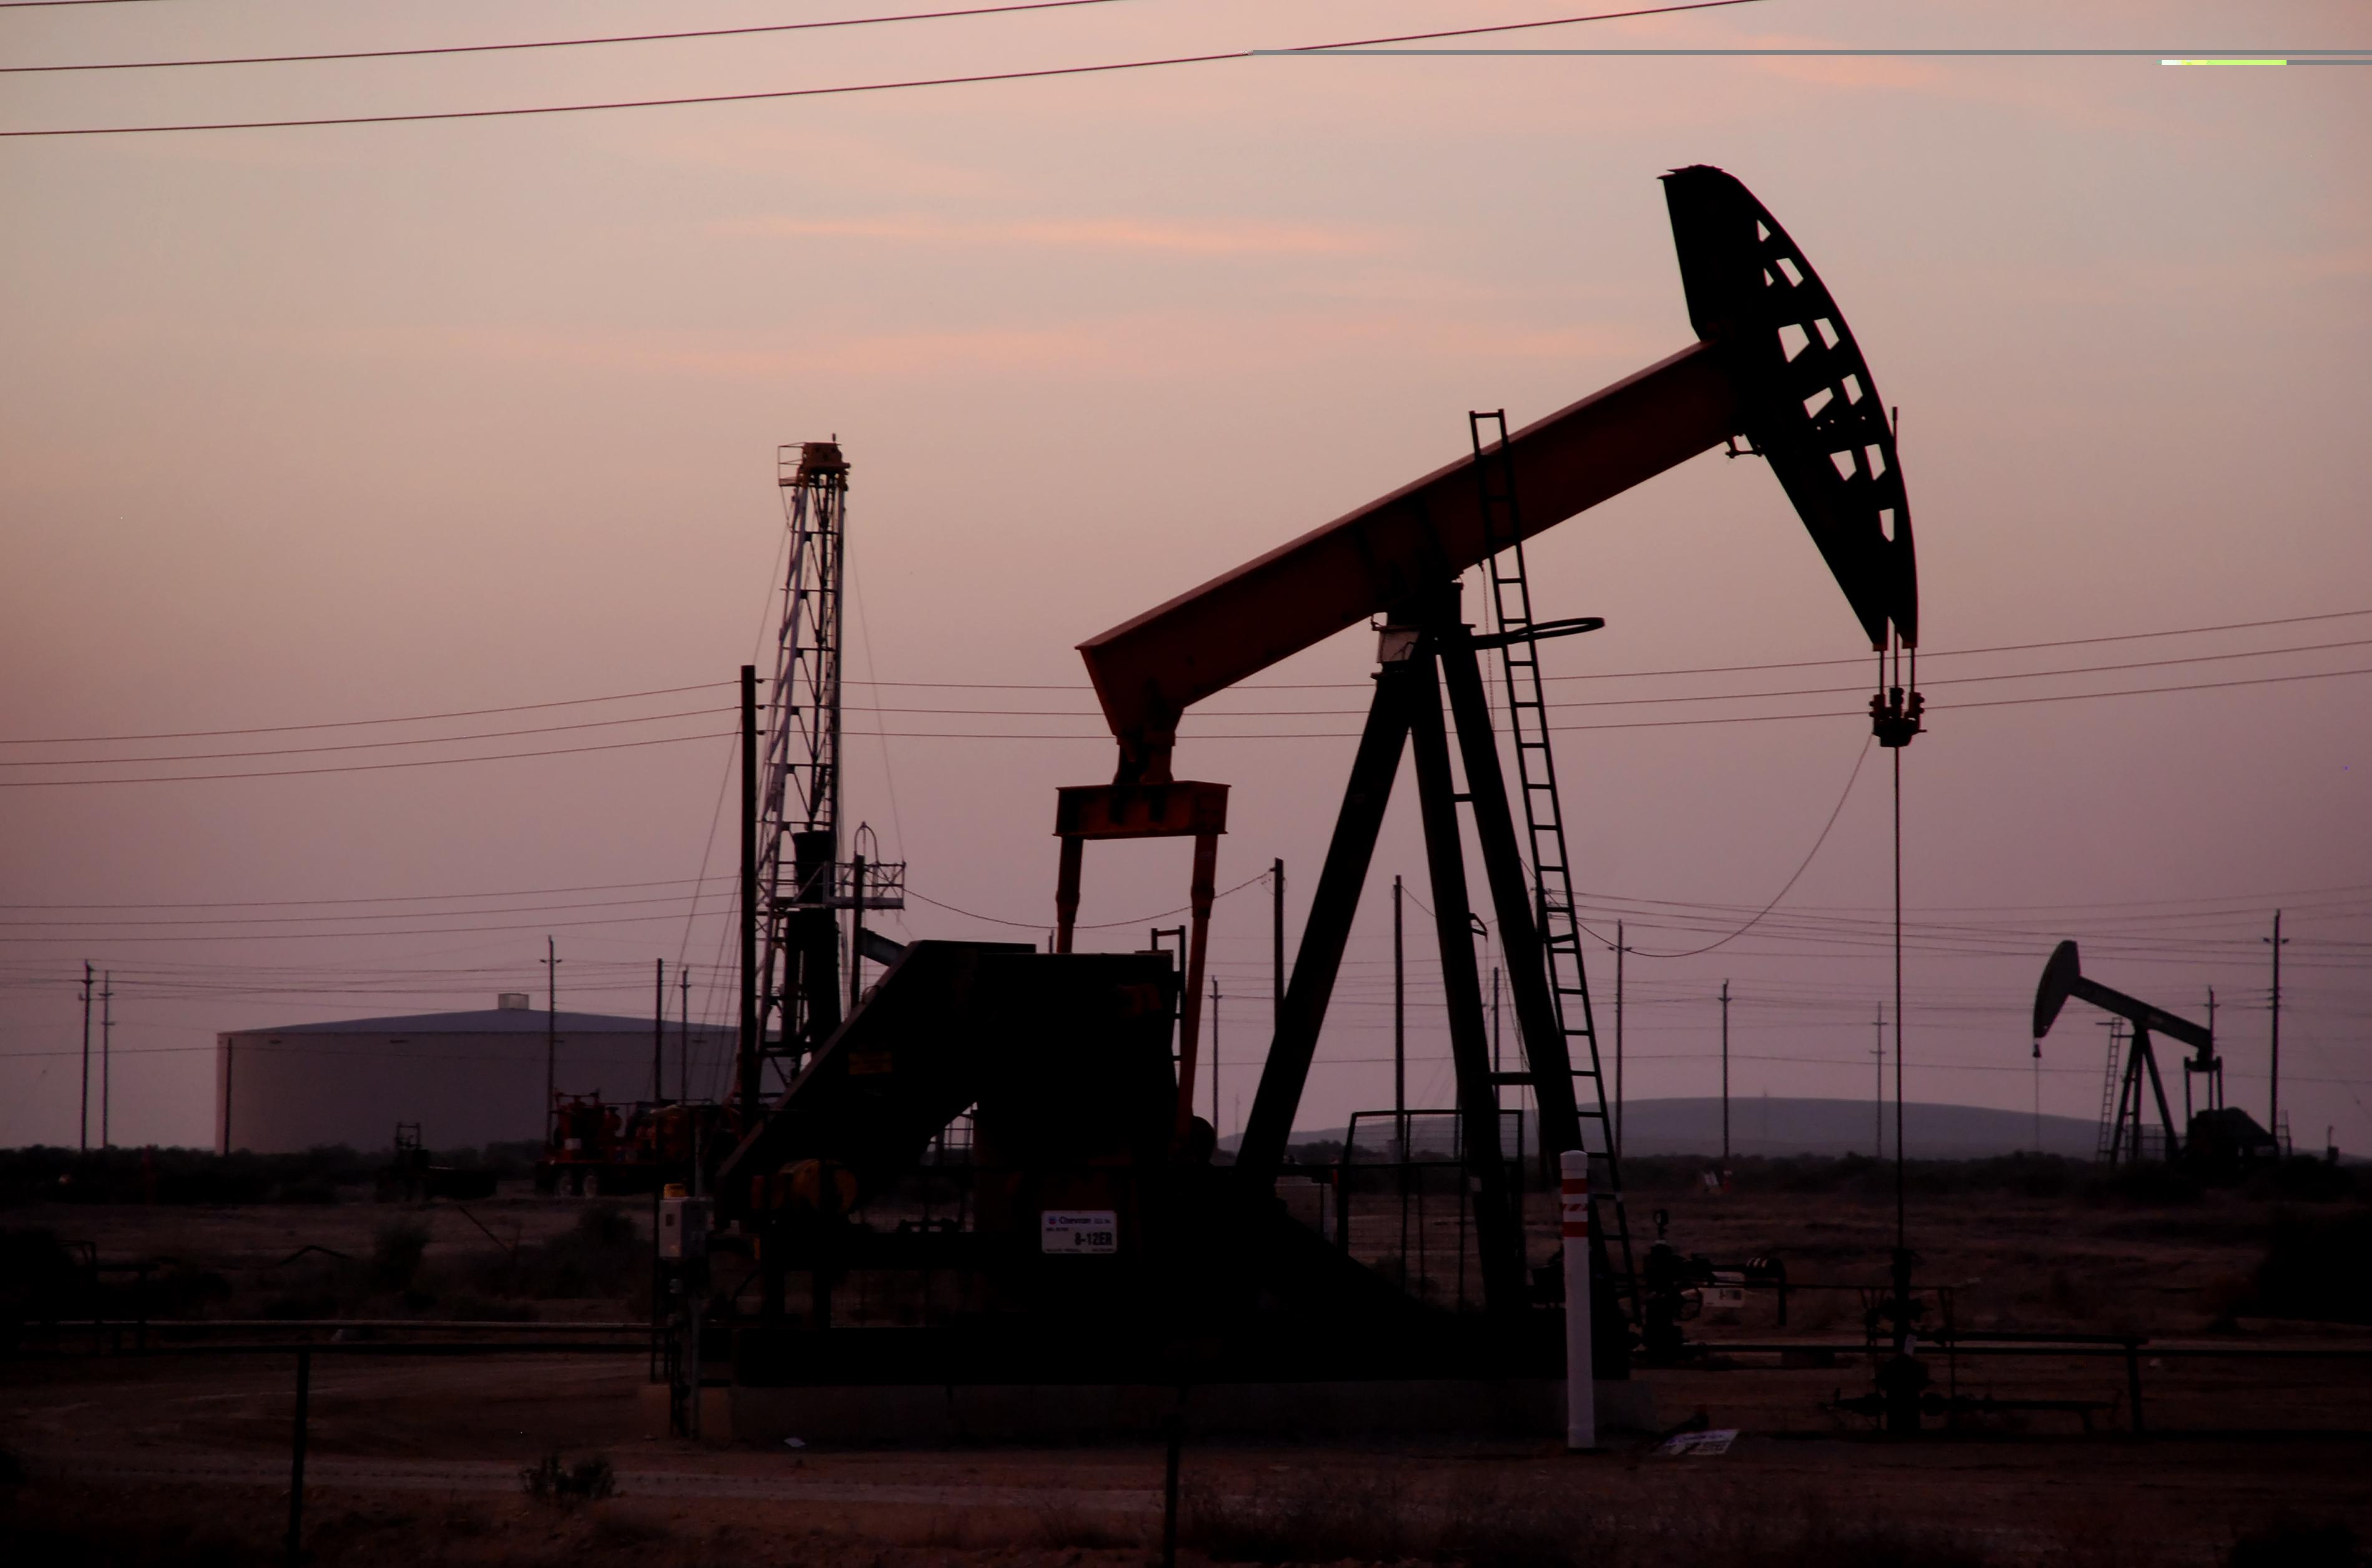 Companiile petroliere vor plăti impozit suplimentar pe profitul din extracţie. Pentru gazul şi petrolul exportate, impozitul va fi mai mare